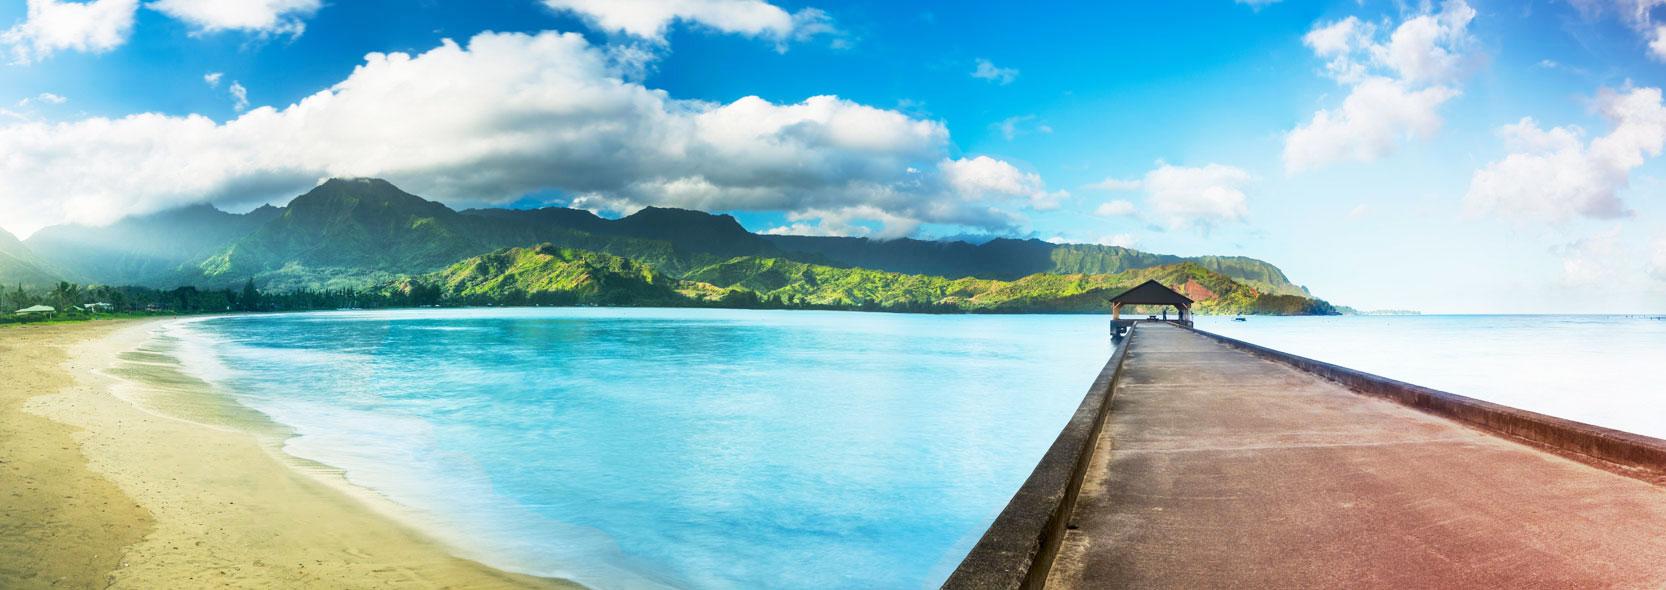 hawaii-larare-32